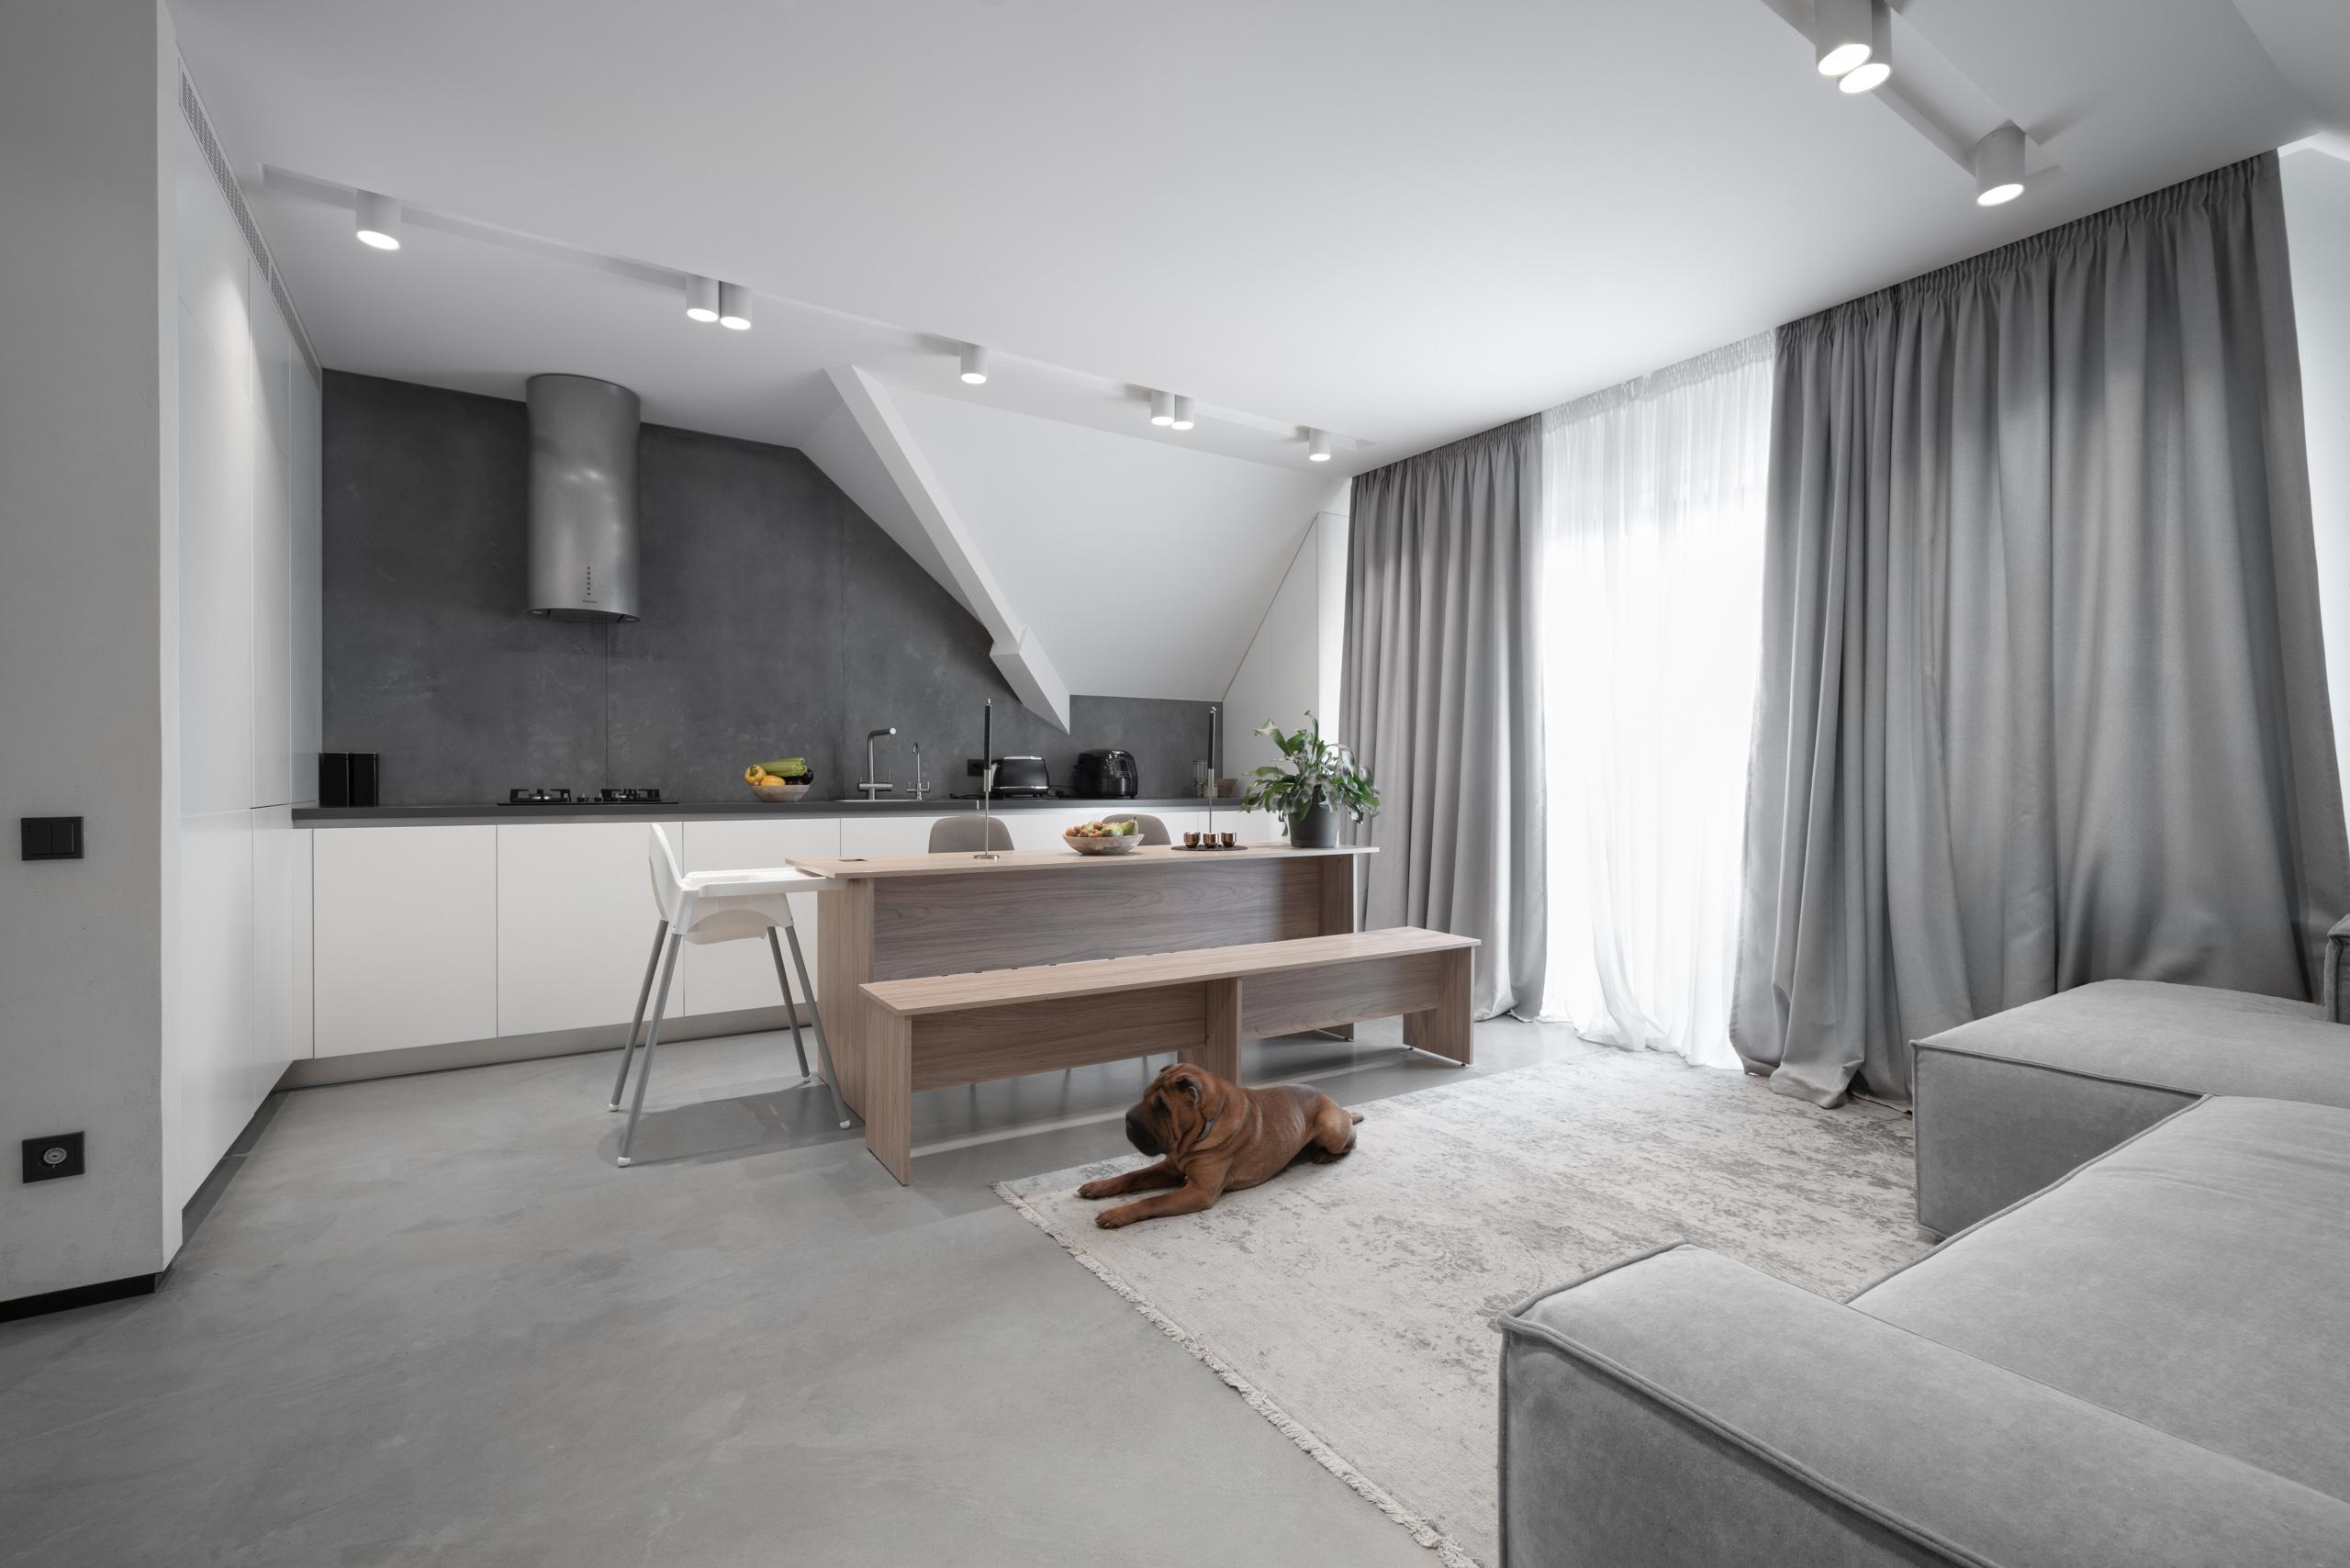 Фотосъемка дизайна интерьера квартиры